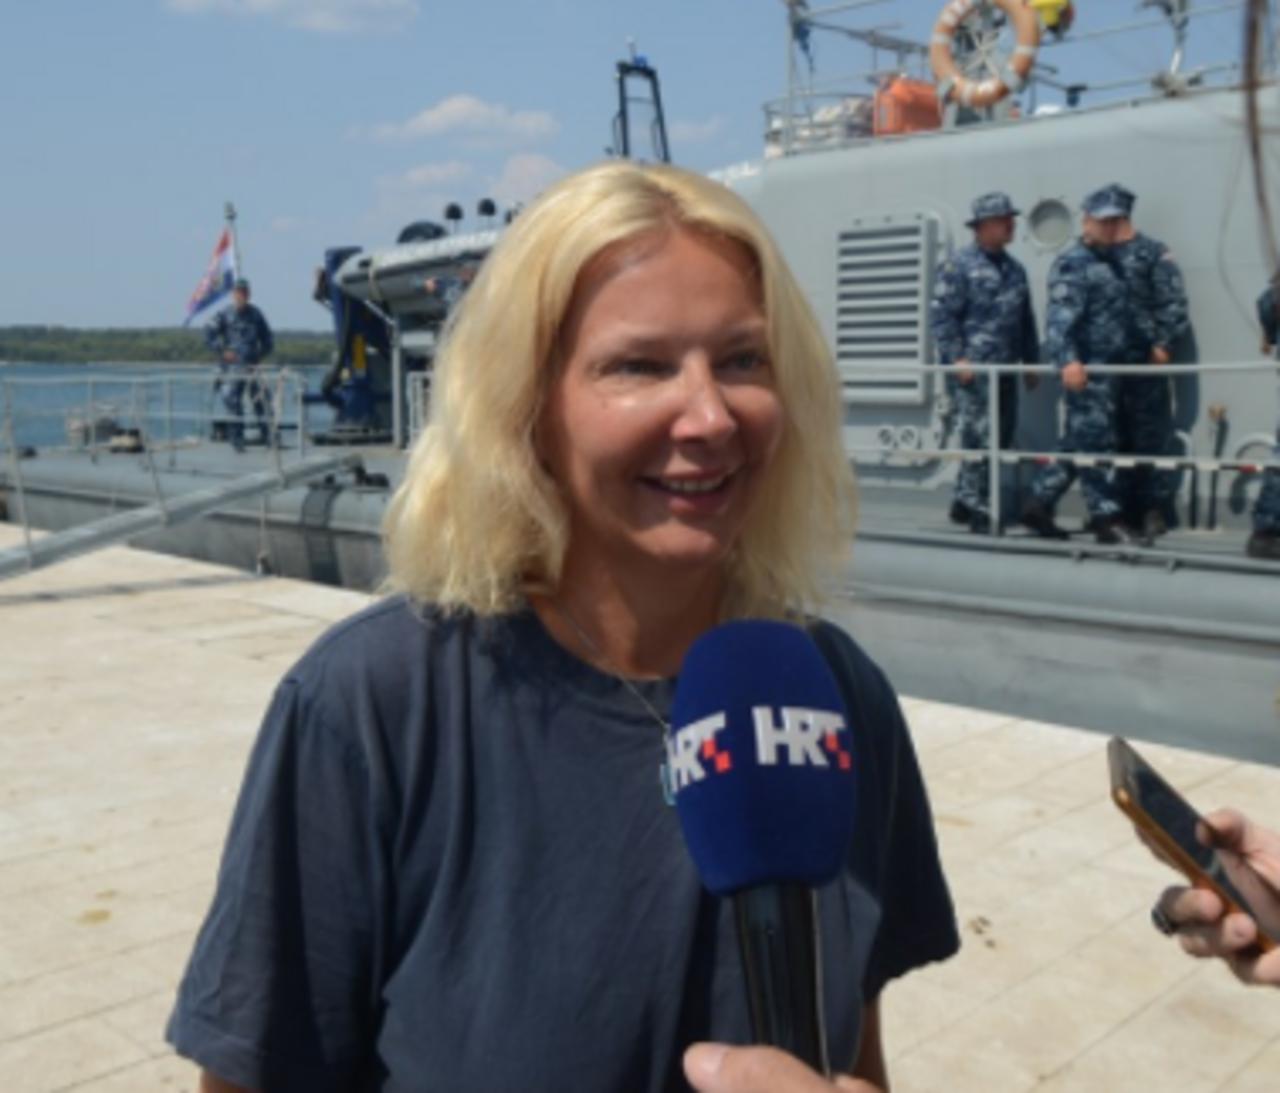 Британка плавала воткрытом море 10 часов после падения скруизного лайнера